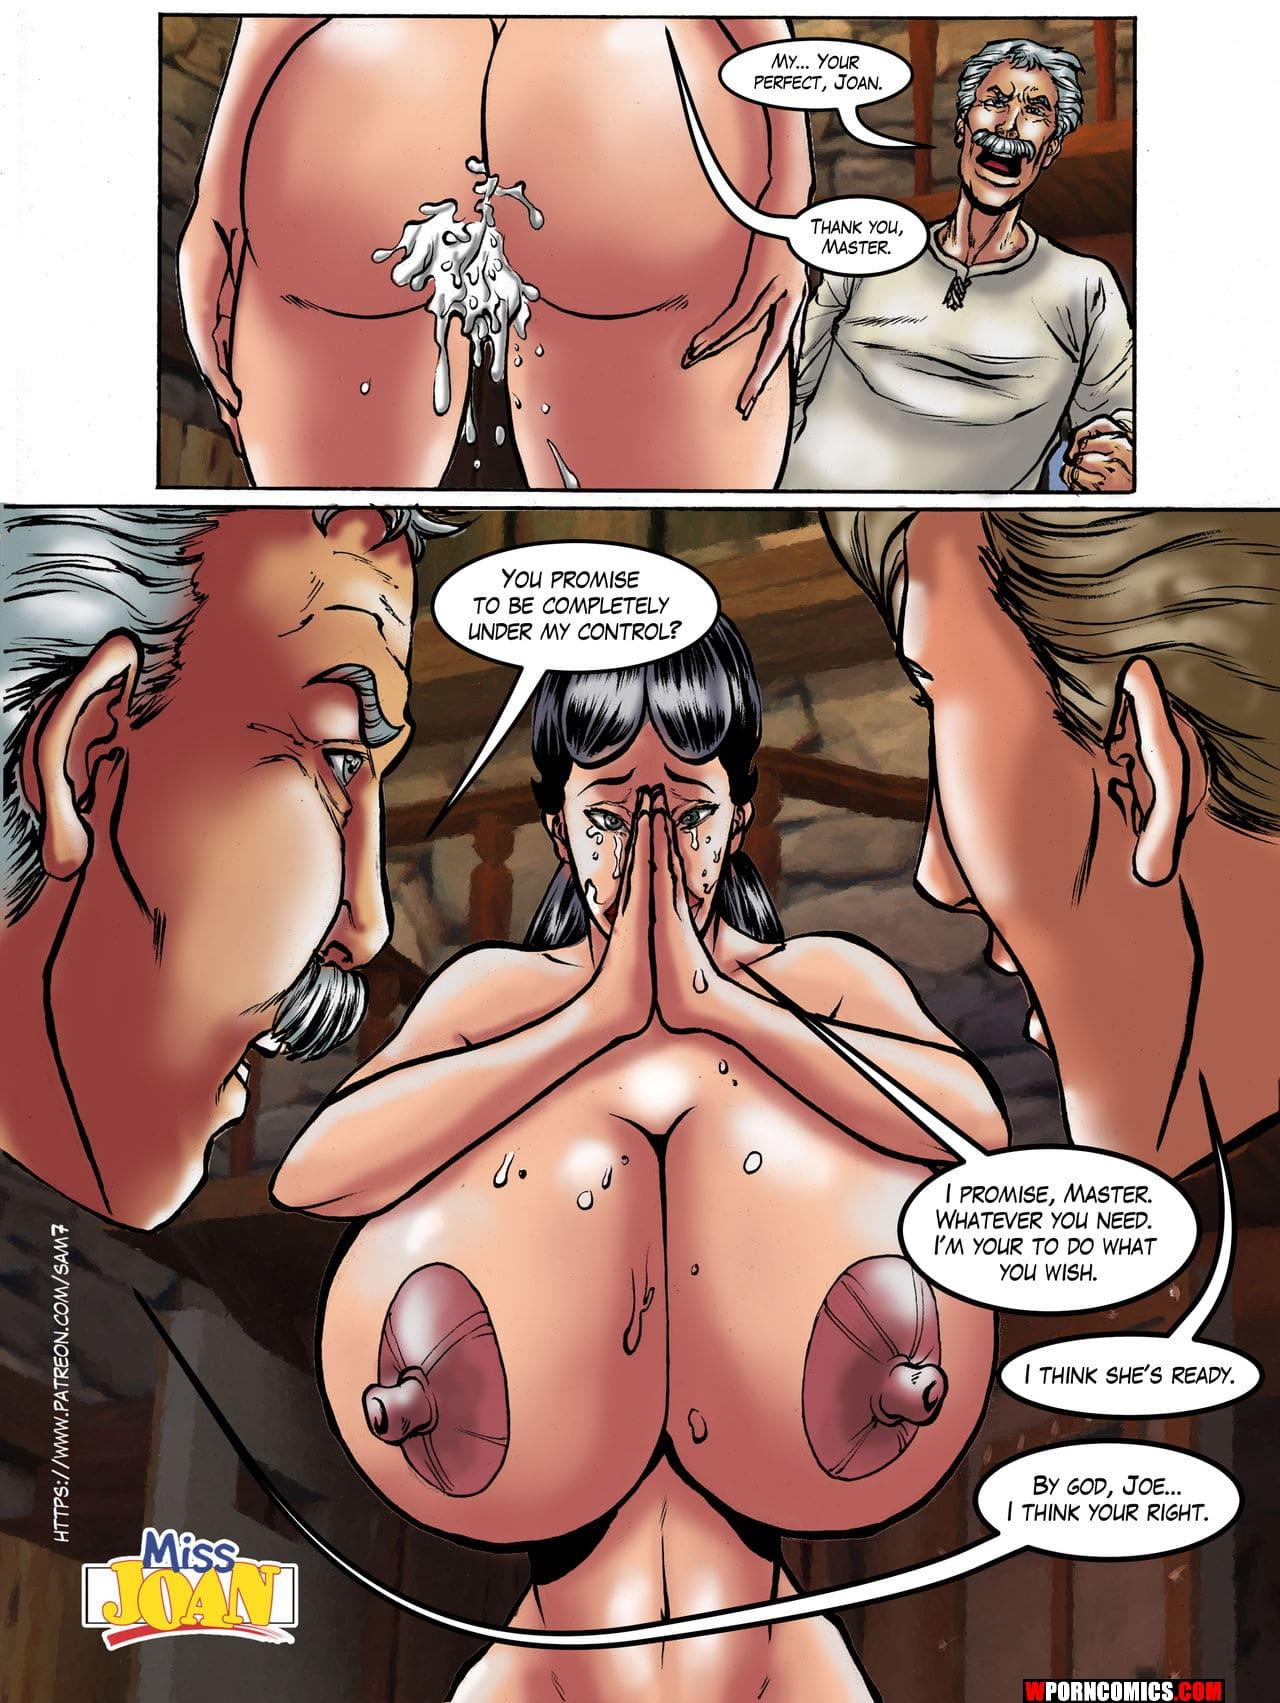 porn-comic-undressed-day-4-2020-03-03/porn-comic-undressed-day-4-2020-03-03-38653.jpg